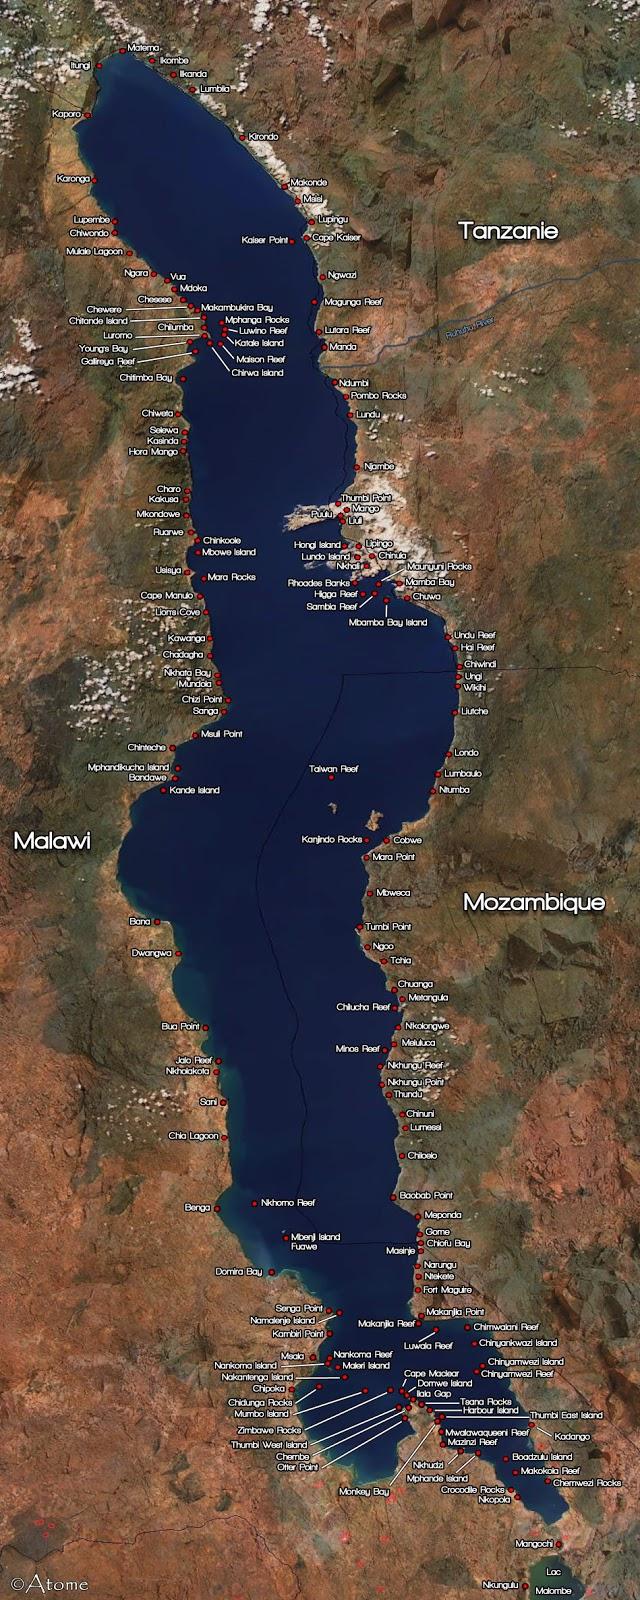 Mapa do Lago Malawi Carte-Mbunas0